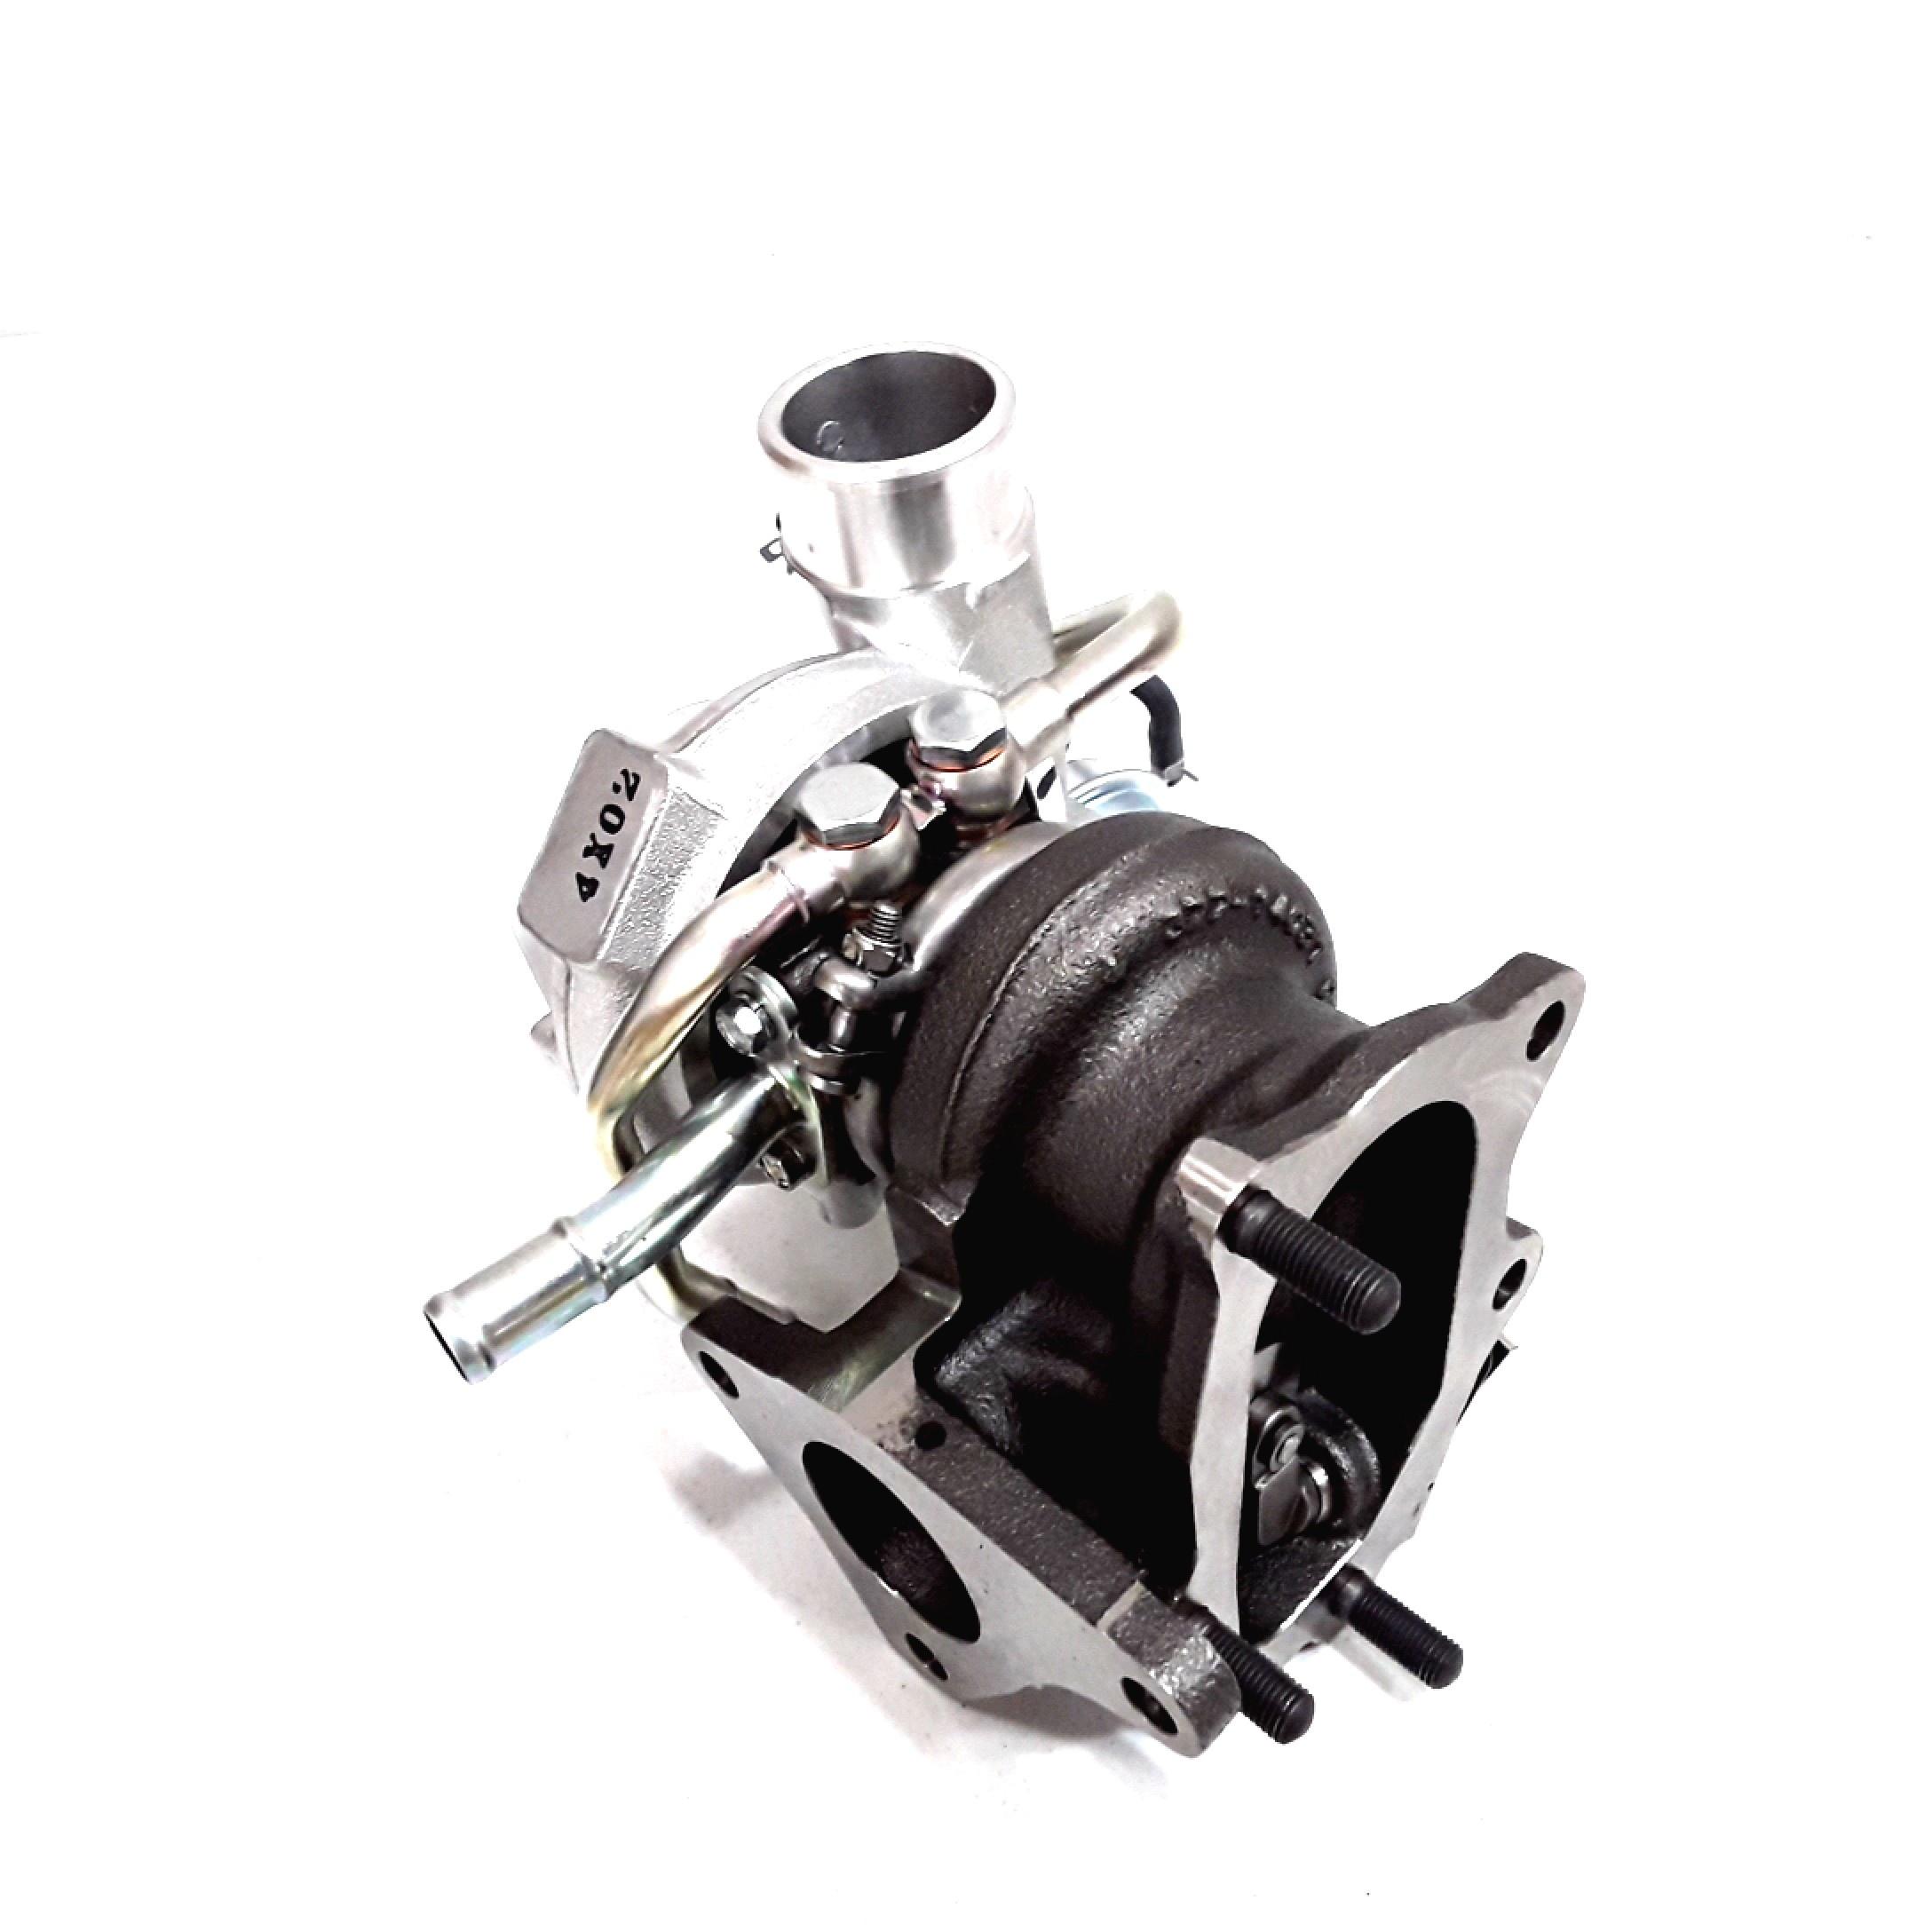 Subaru Dealership Colorado Springs >> 14411AA5329L - Subaru Turbocharger assembly. Duct, air ...